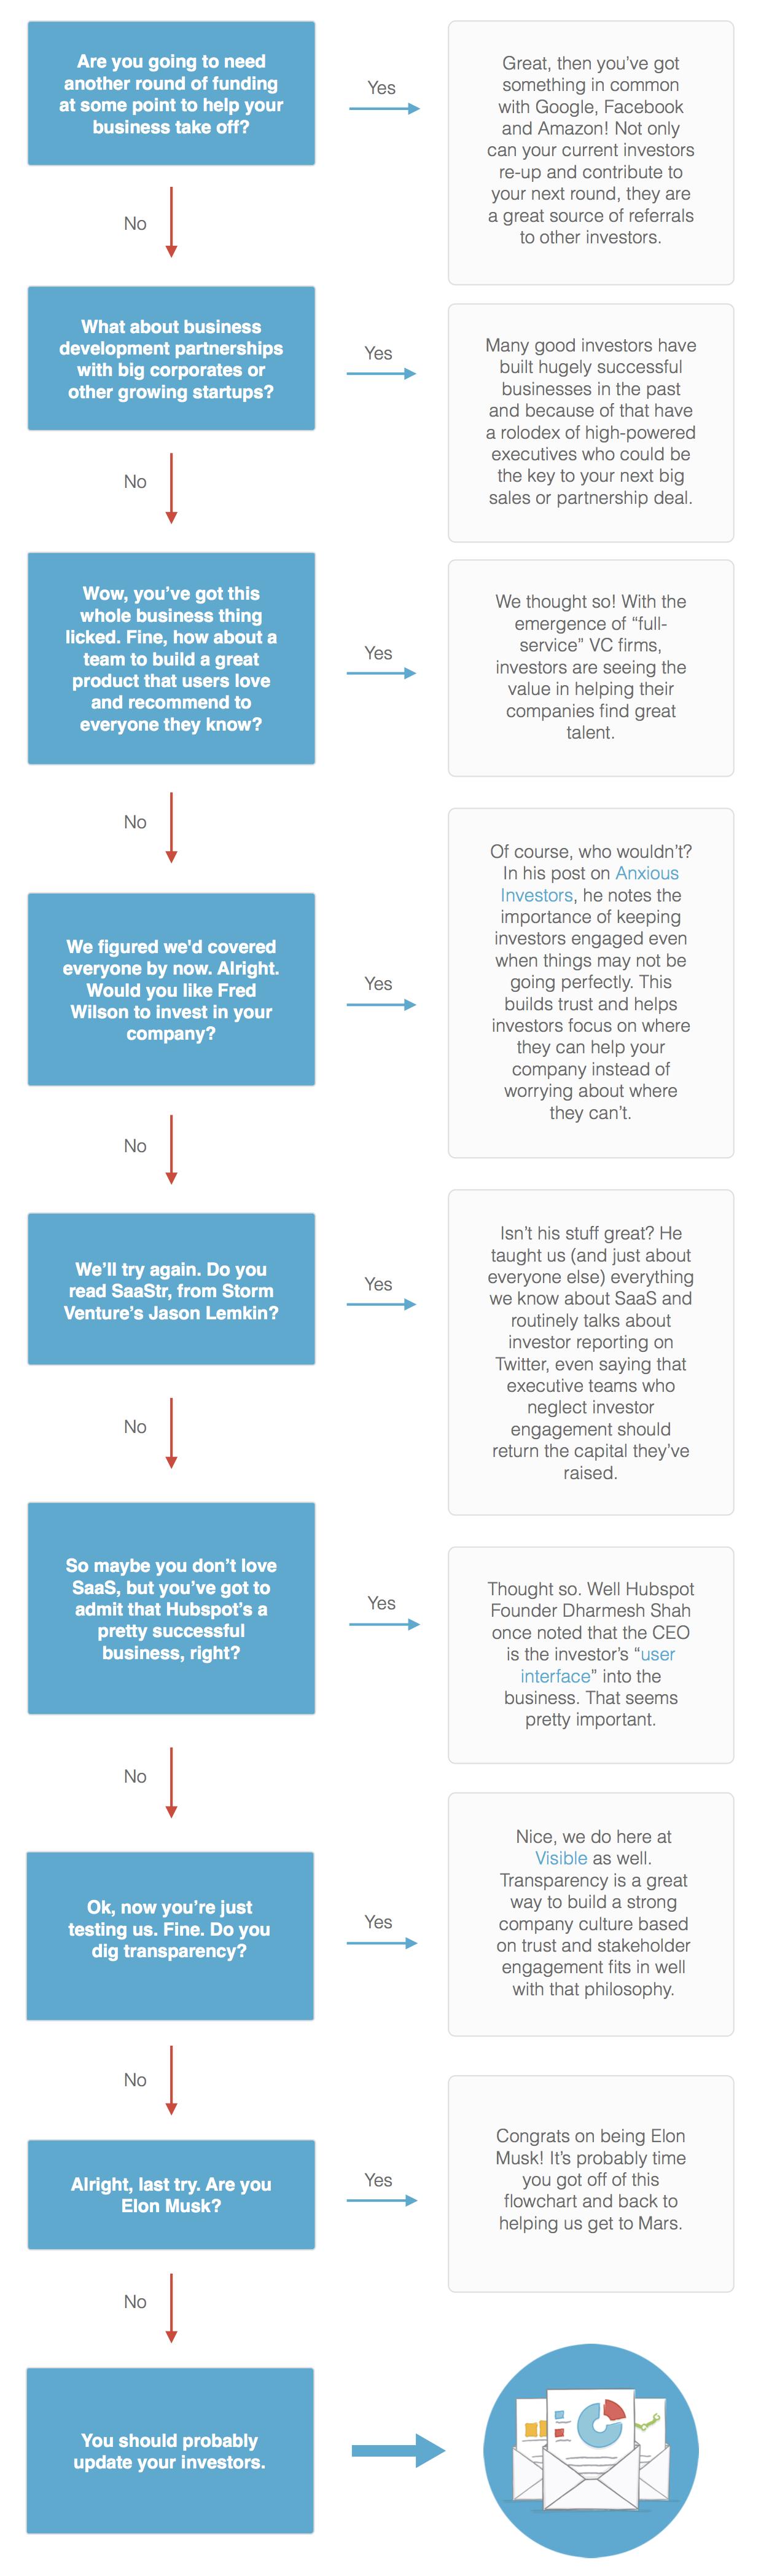 should you send investor updates